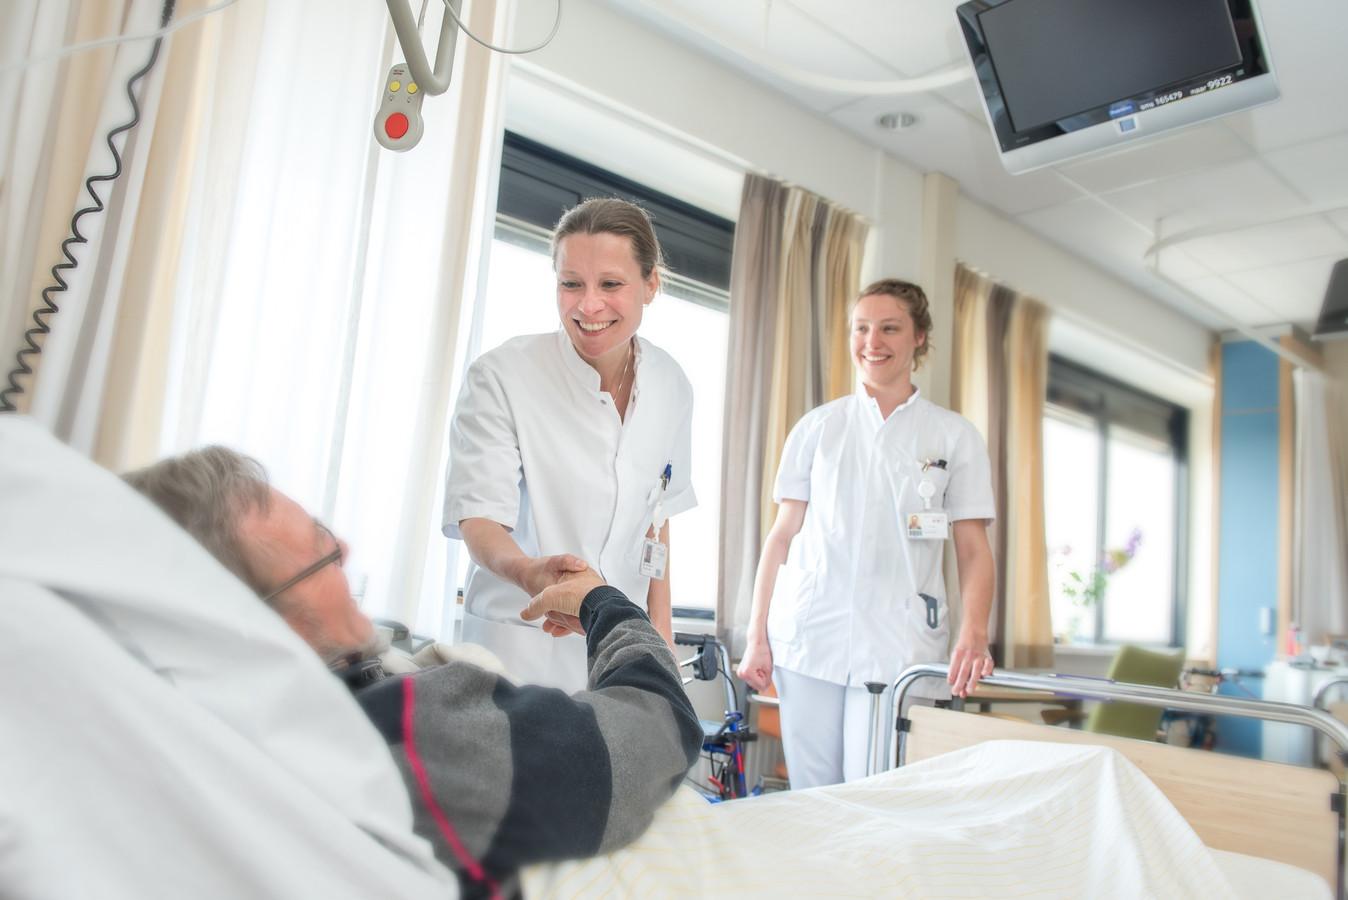 Internist-geriater Barbara van Munster (links), met een verpleegkundige bij een oudere patiënt in Gelre ziekenhuizen.